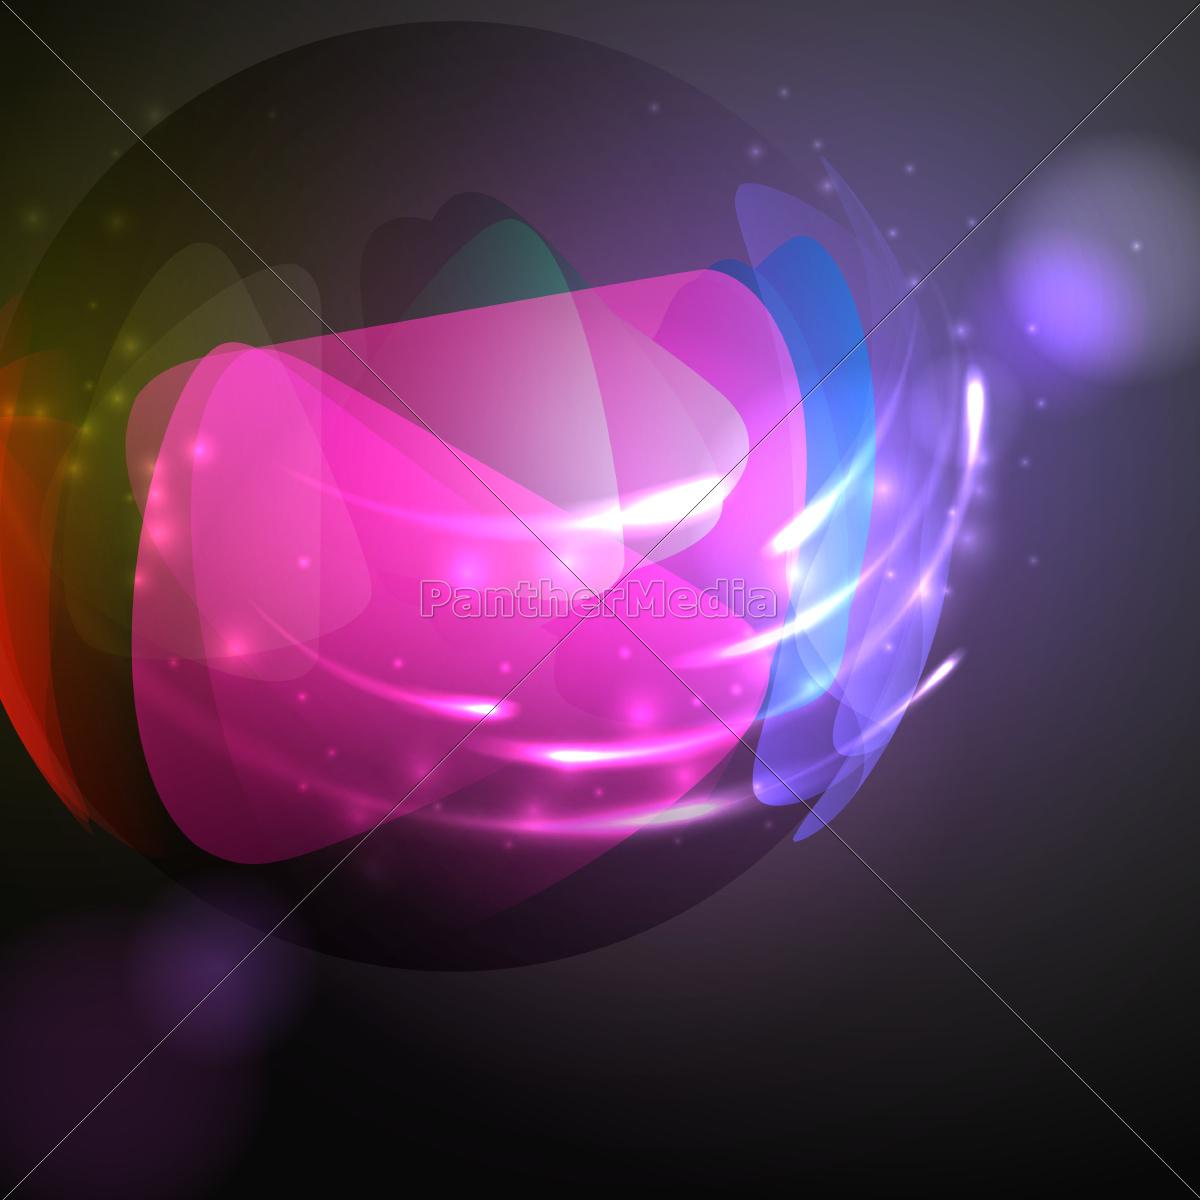 kula, glass, ball. - 10186697